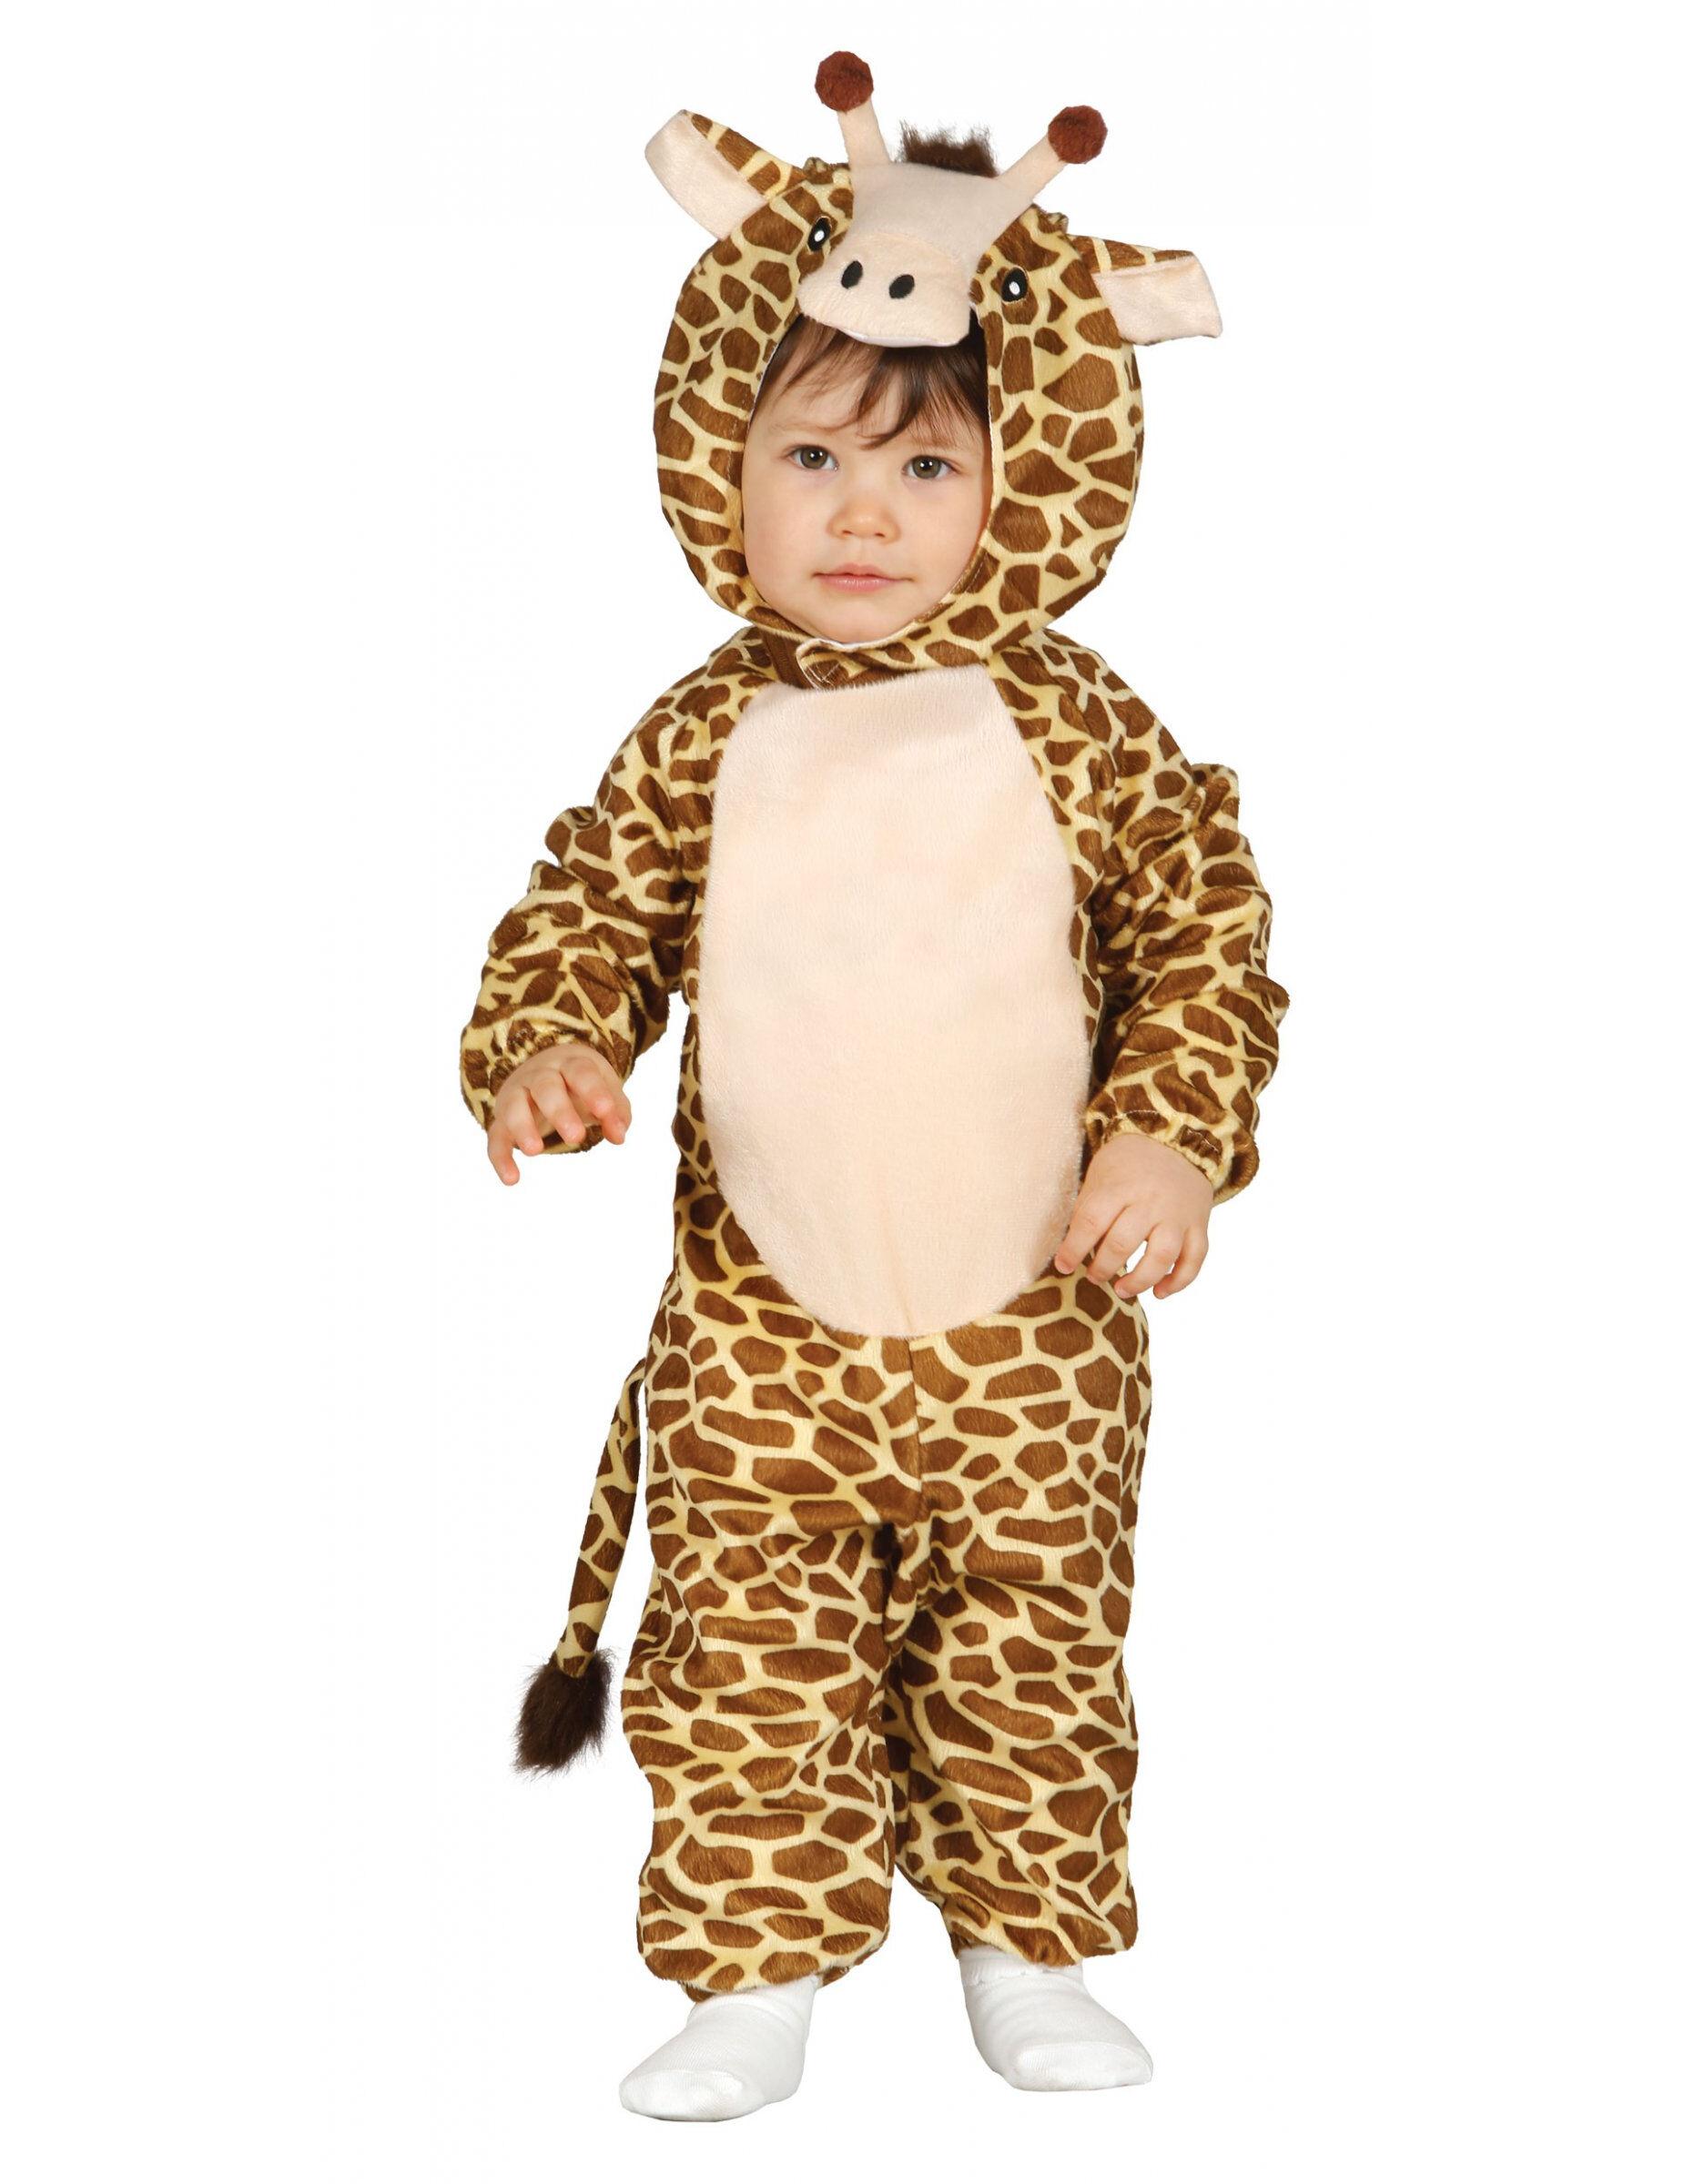 Deguisetoi Déguisement girafe bébé - Taille: 6 à 12 mois (82-83 cm)